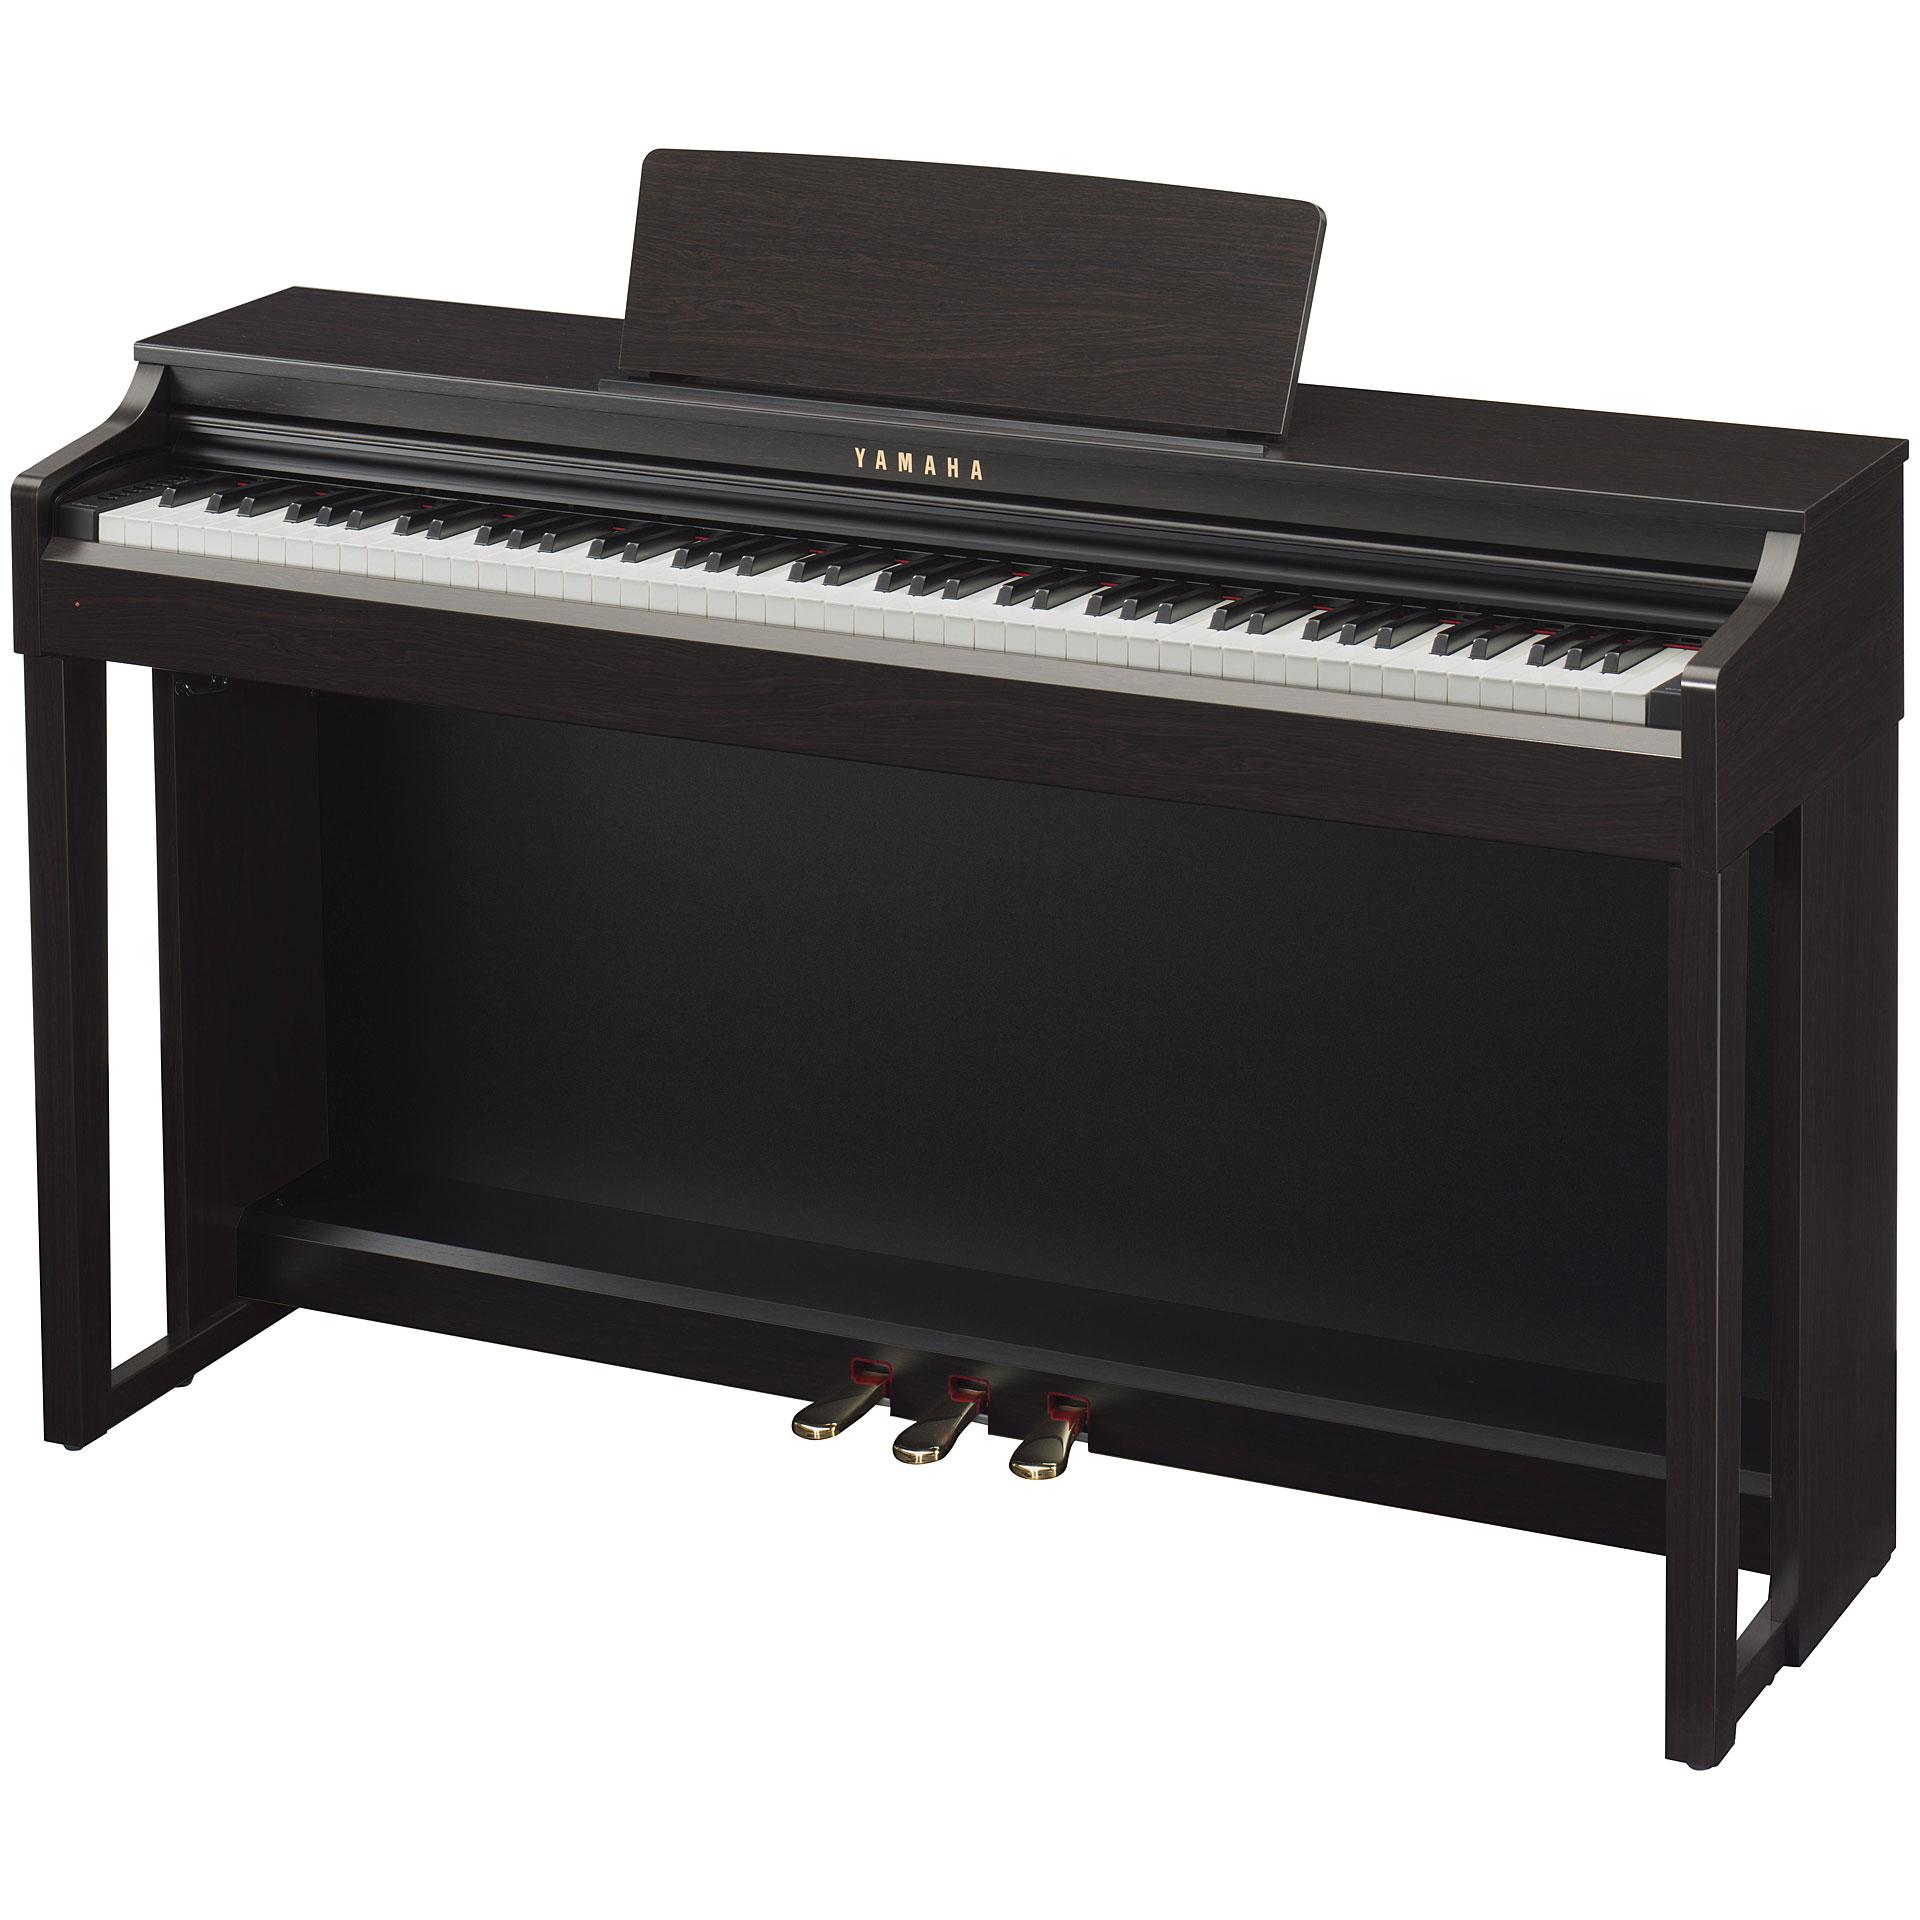 Yamaha Piano W